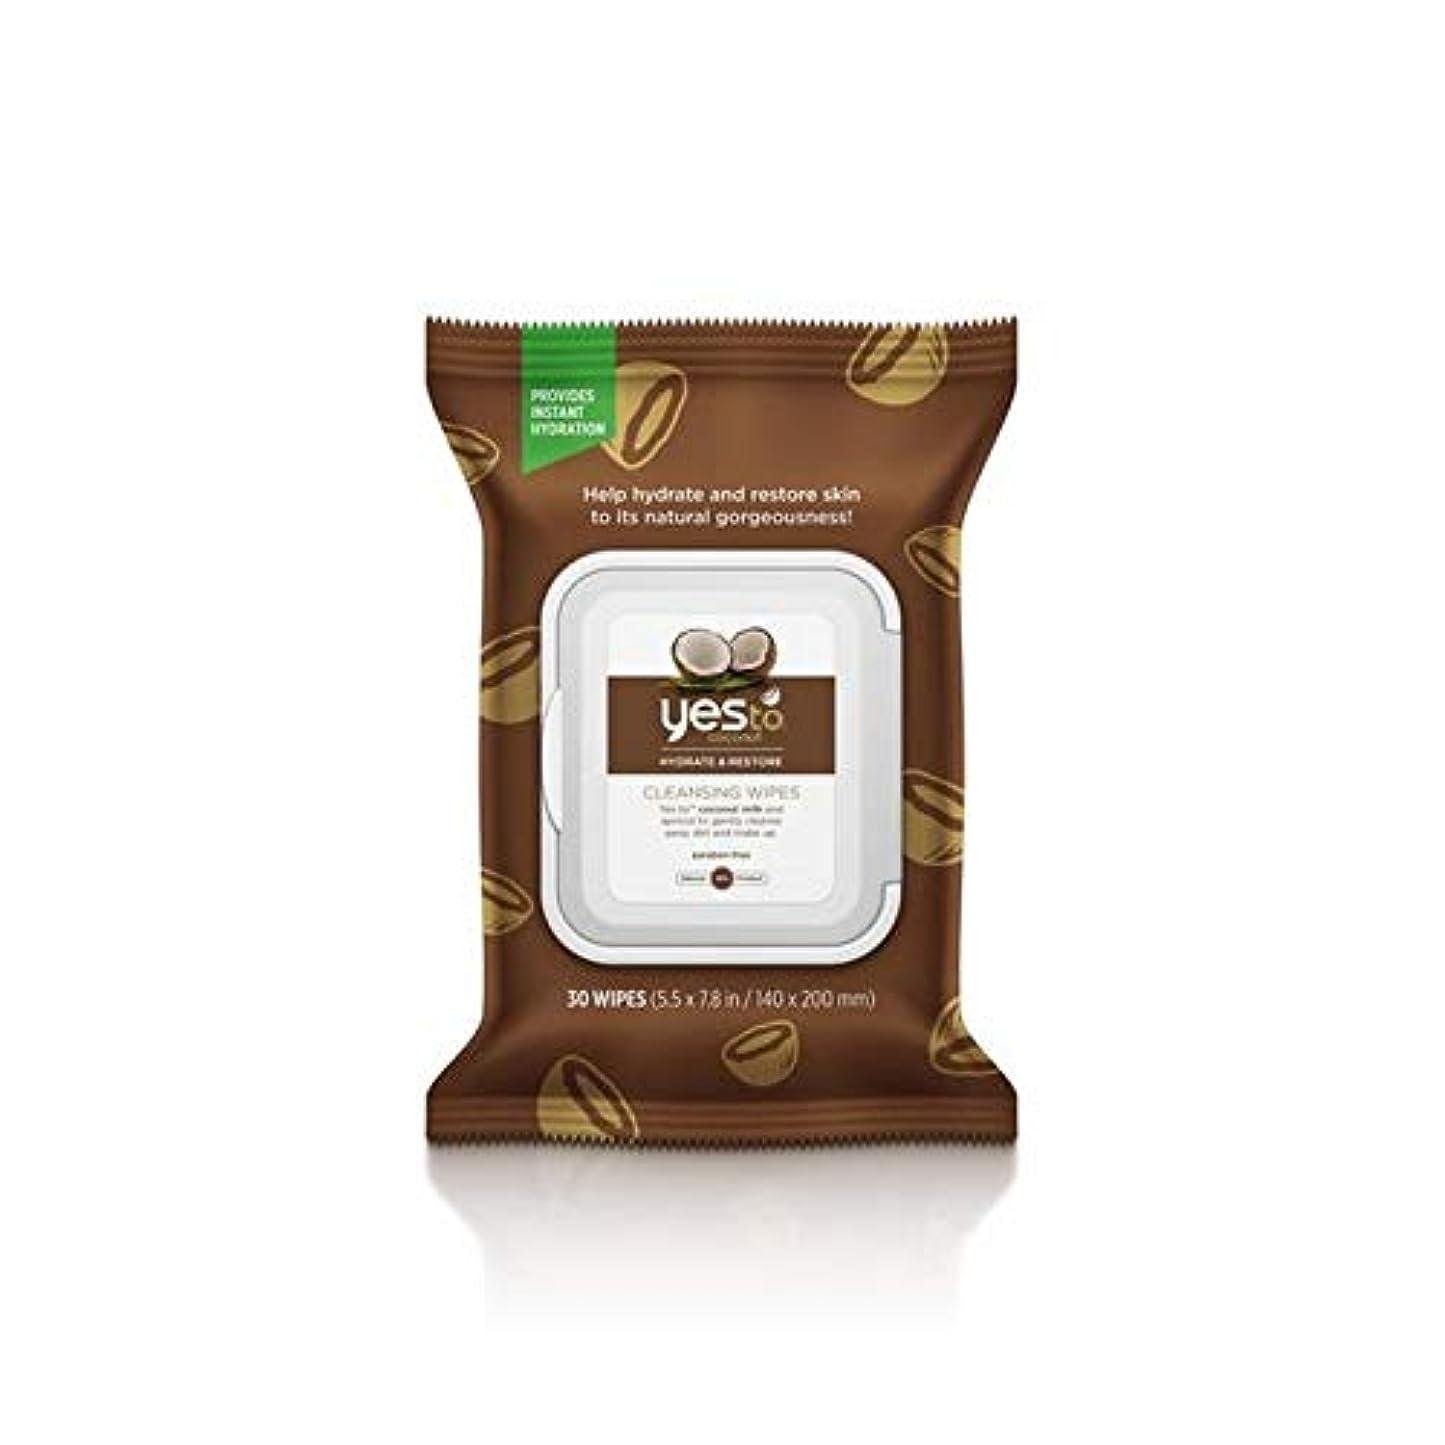 植物の養う蜜[YES TO! ] はいココナッツクレンジング顔にパックあたり25ワイプ - Yes To Coconut Cleansing Face Wipes 25 per pack [並行輸入品]